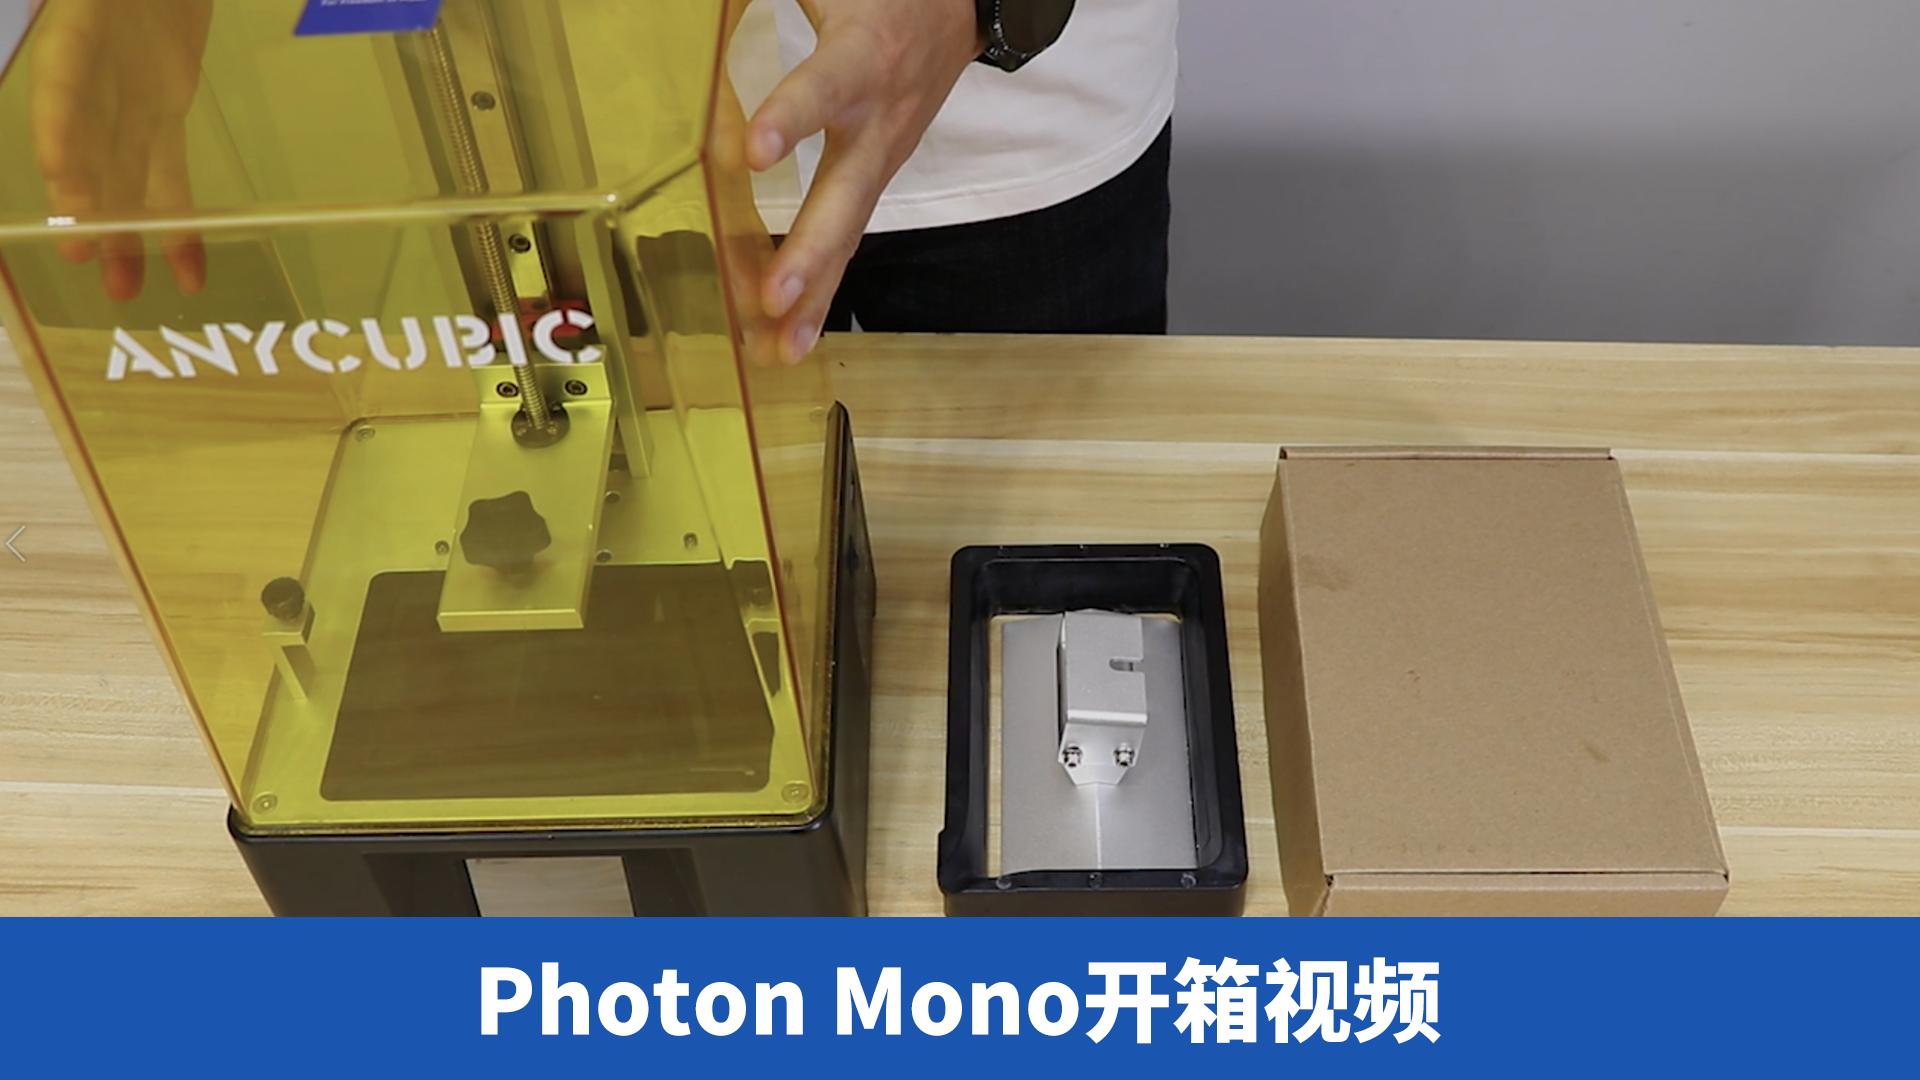 Photon Mono开箱视频